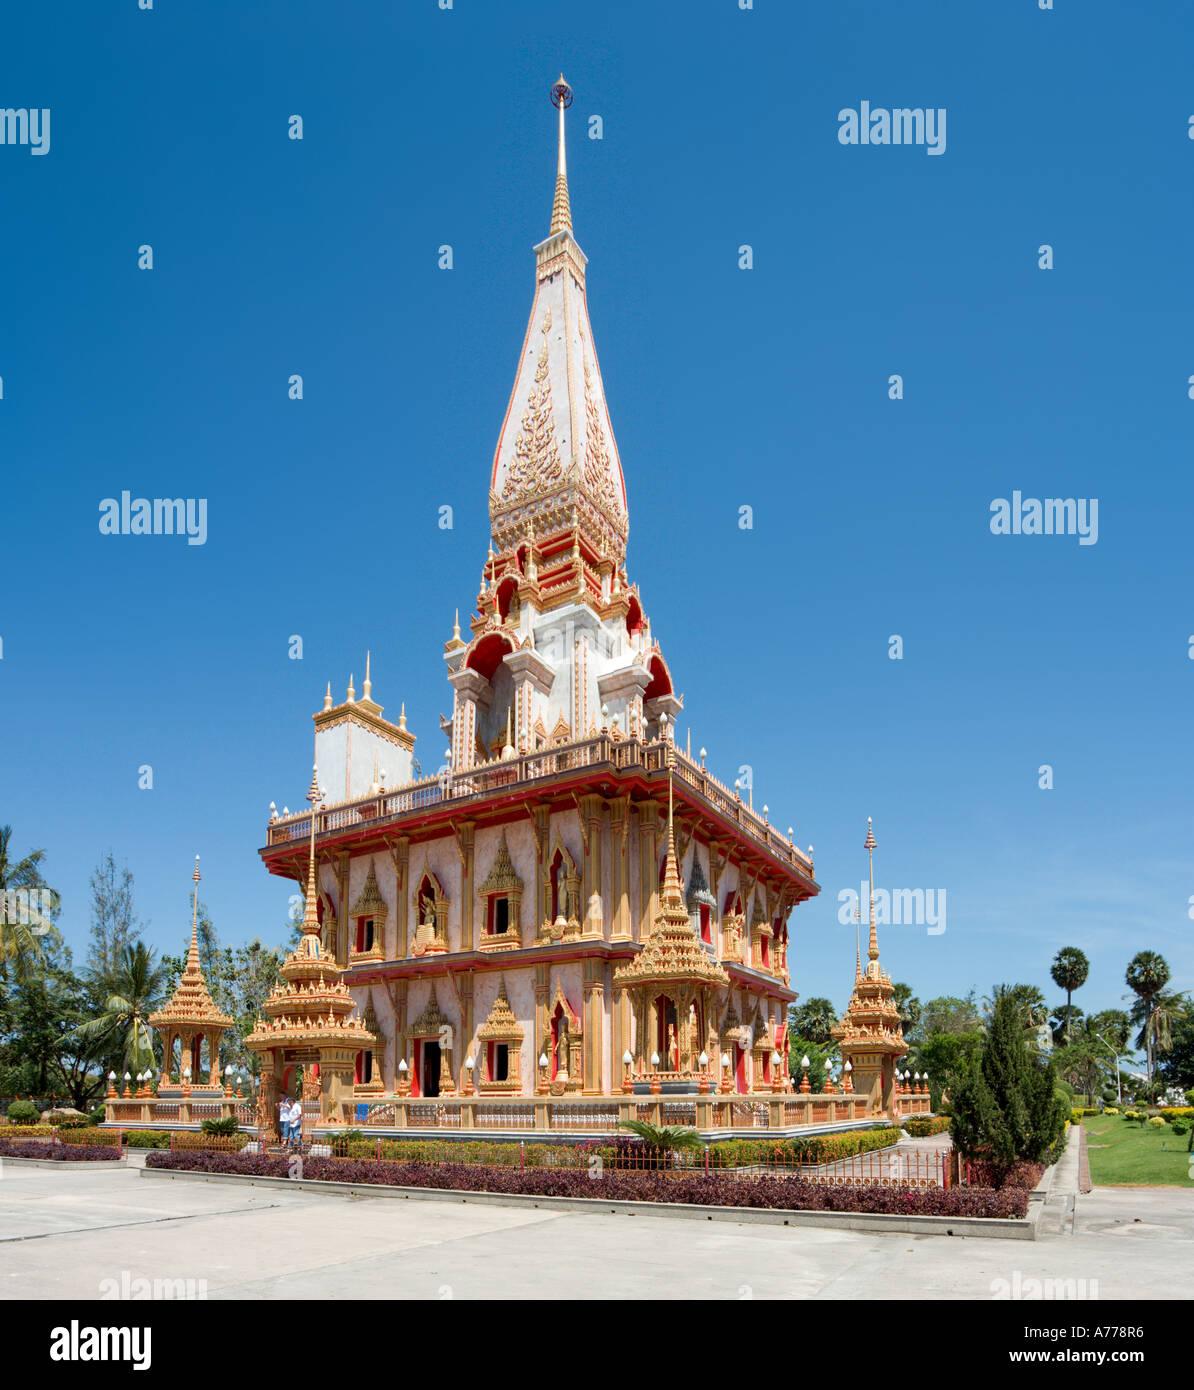 Temple Bouddhique Wat Chalong, Phuket, Thailand Banque D'Images